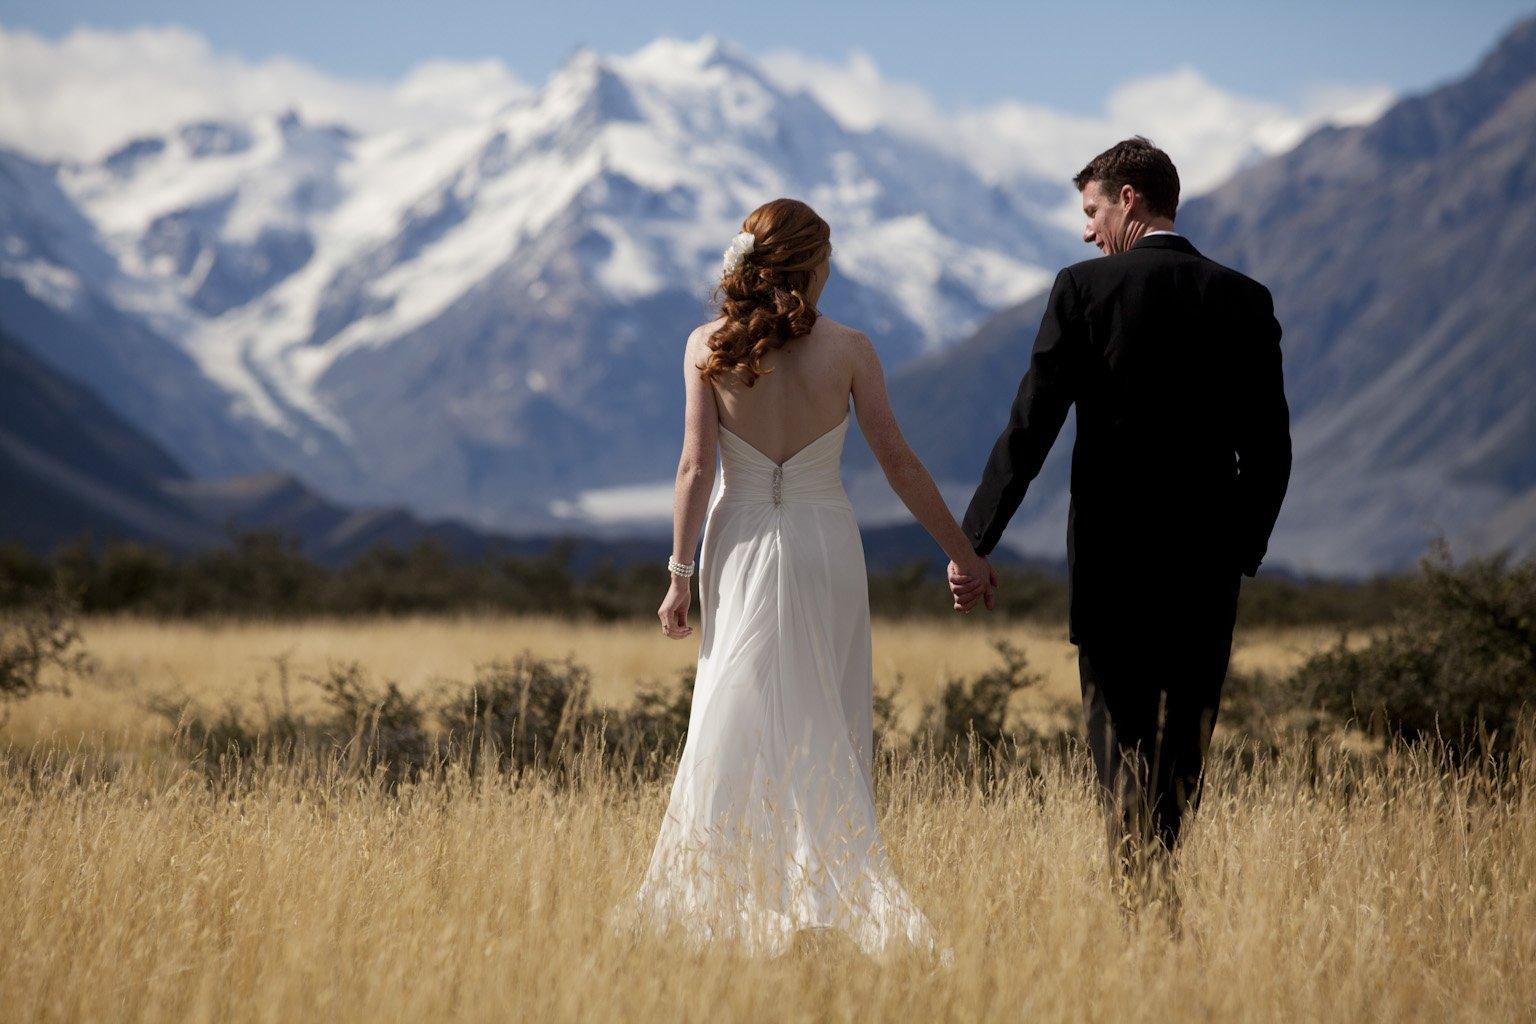 Chia sẻ các cách tạo dáng chụp ảnh cưới sao cho đẹp - phan chieu nguoc sang